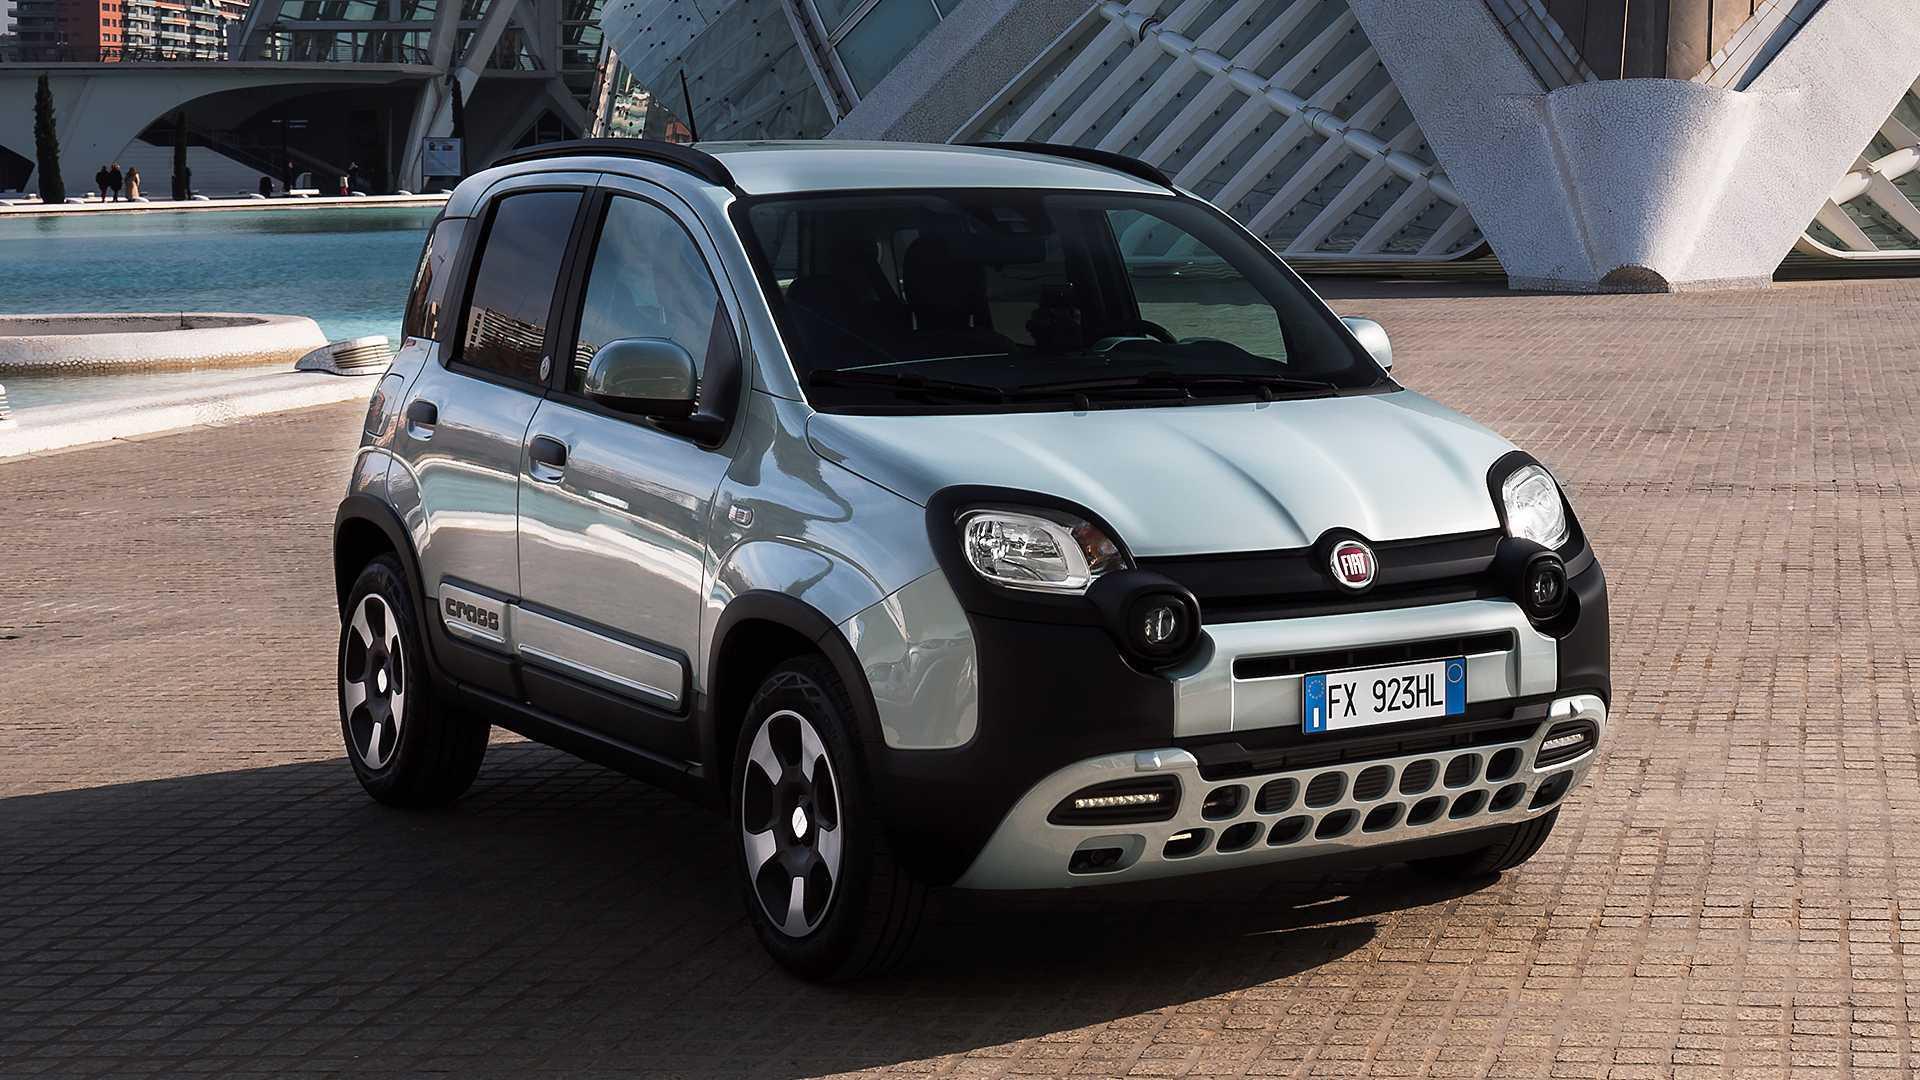 Irmao Do Uno Fiat Panda Estreia Nova Versao Hibrida Com Motor 1 0 Firefly